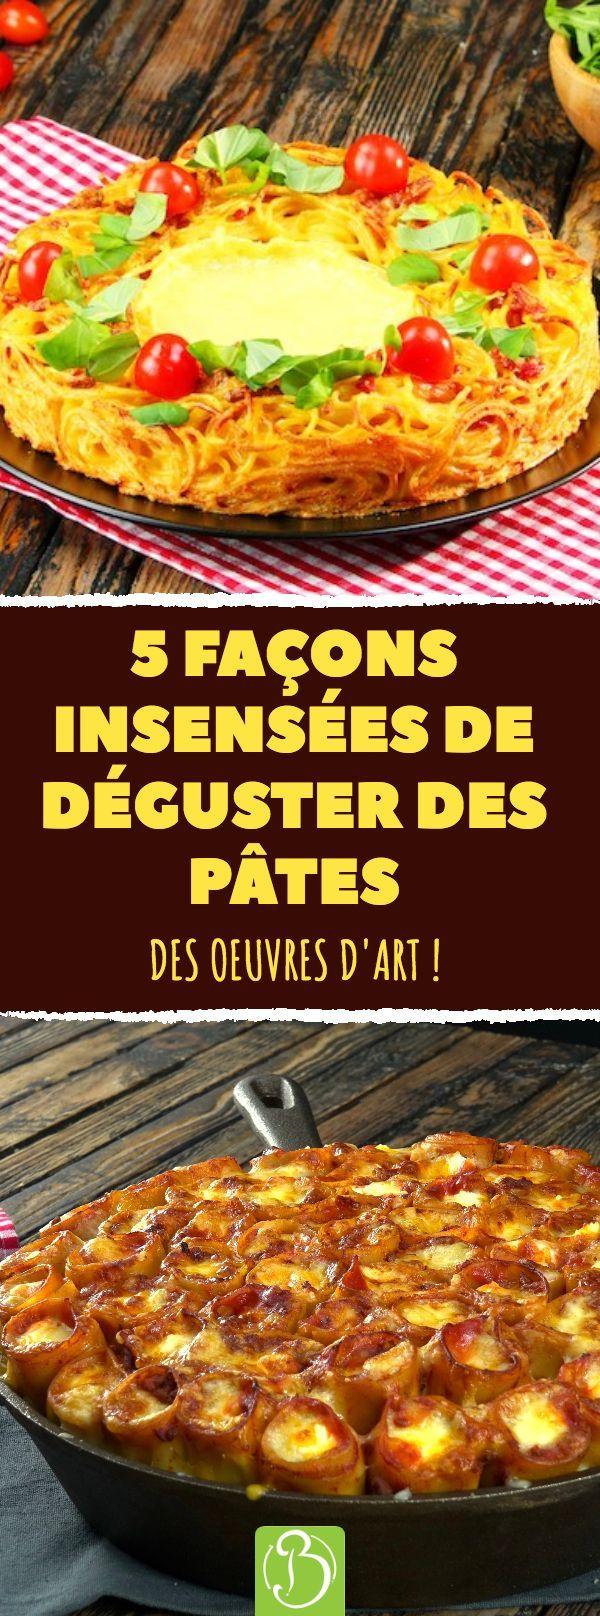 5 façons inutiles de déguster des pâtes. Des oeuvres d'art! # Pâtes # Idées #Recipe #Carbonara …   – Einfache Gerichte